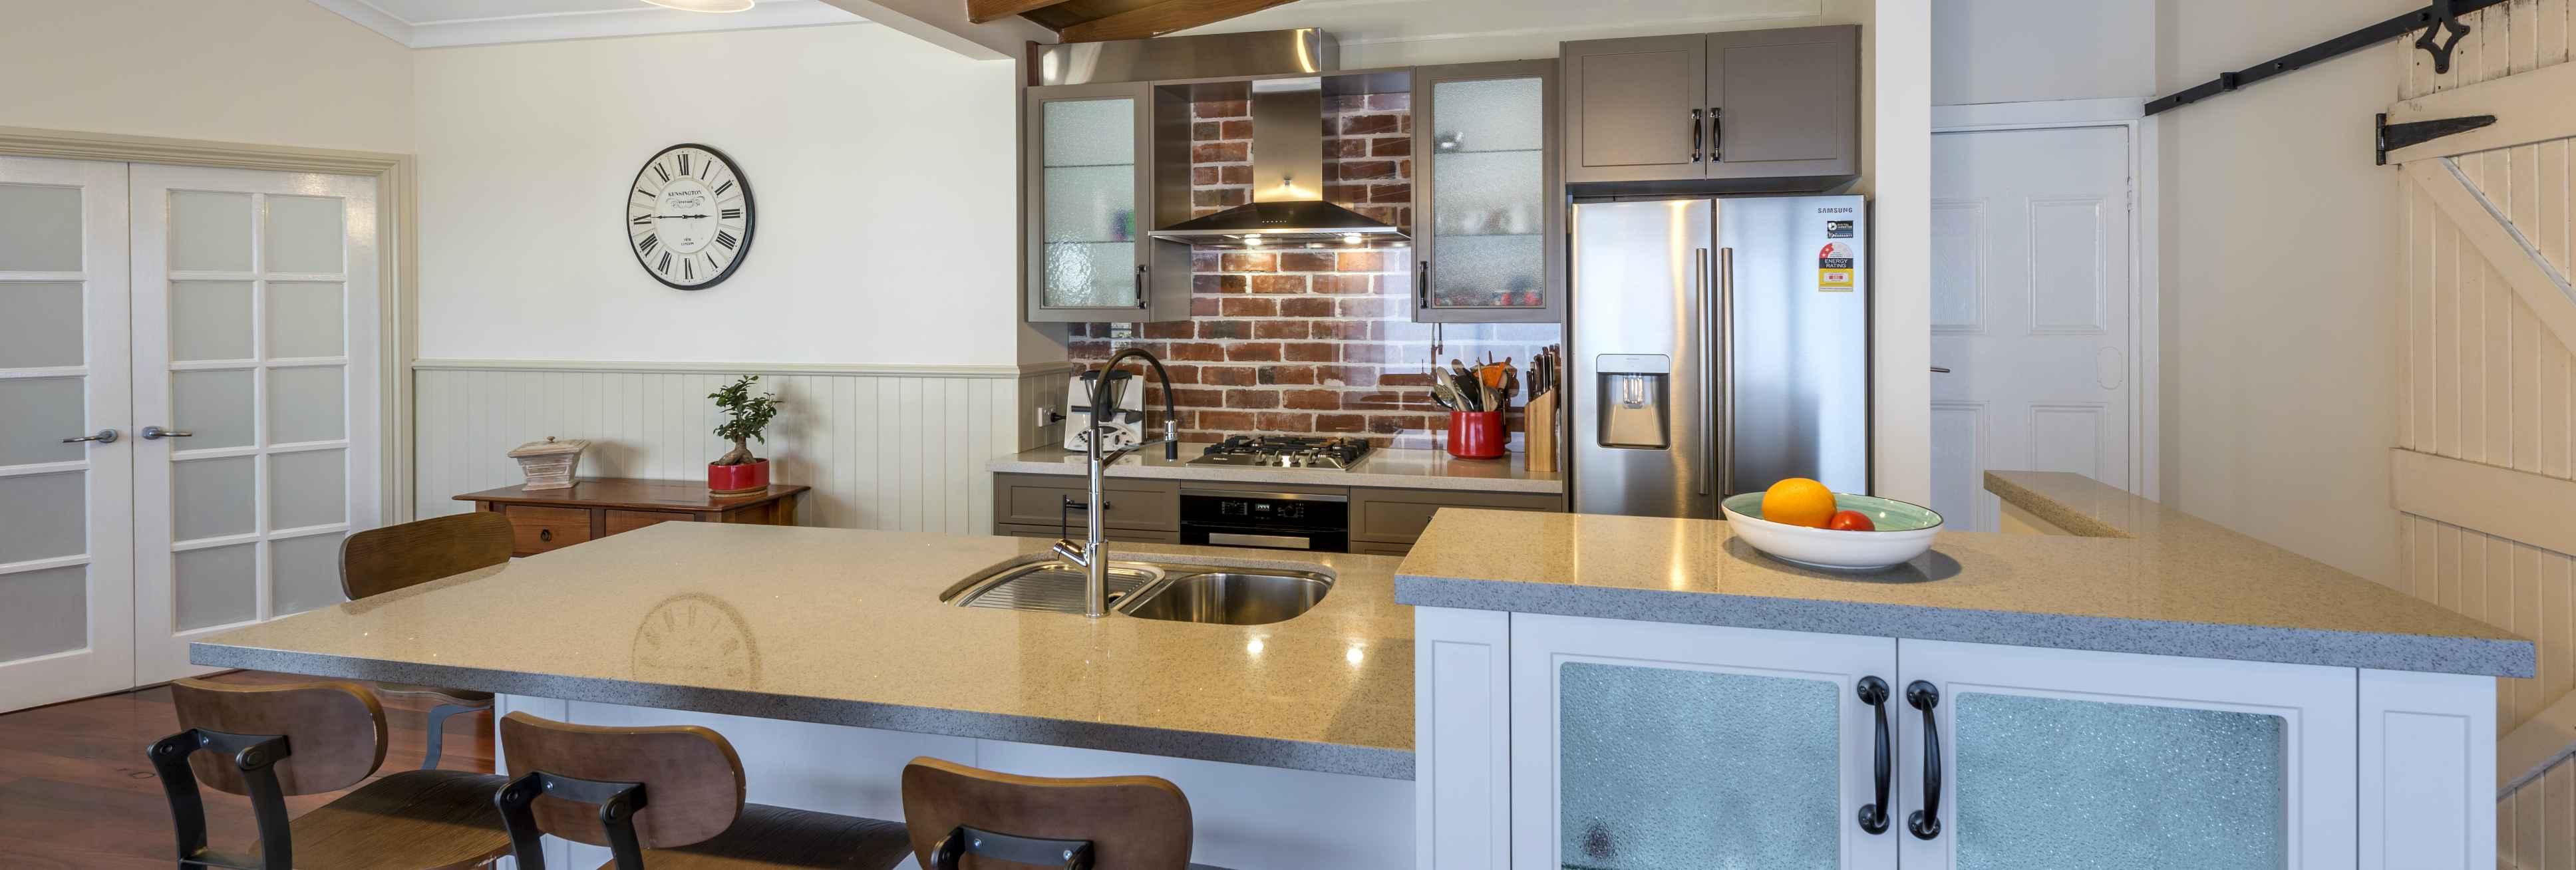 100 kitchen designer perth kitchen small kitchen for Home decorations perth